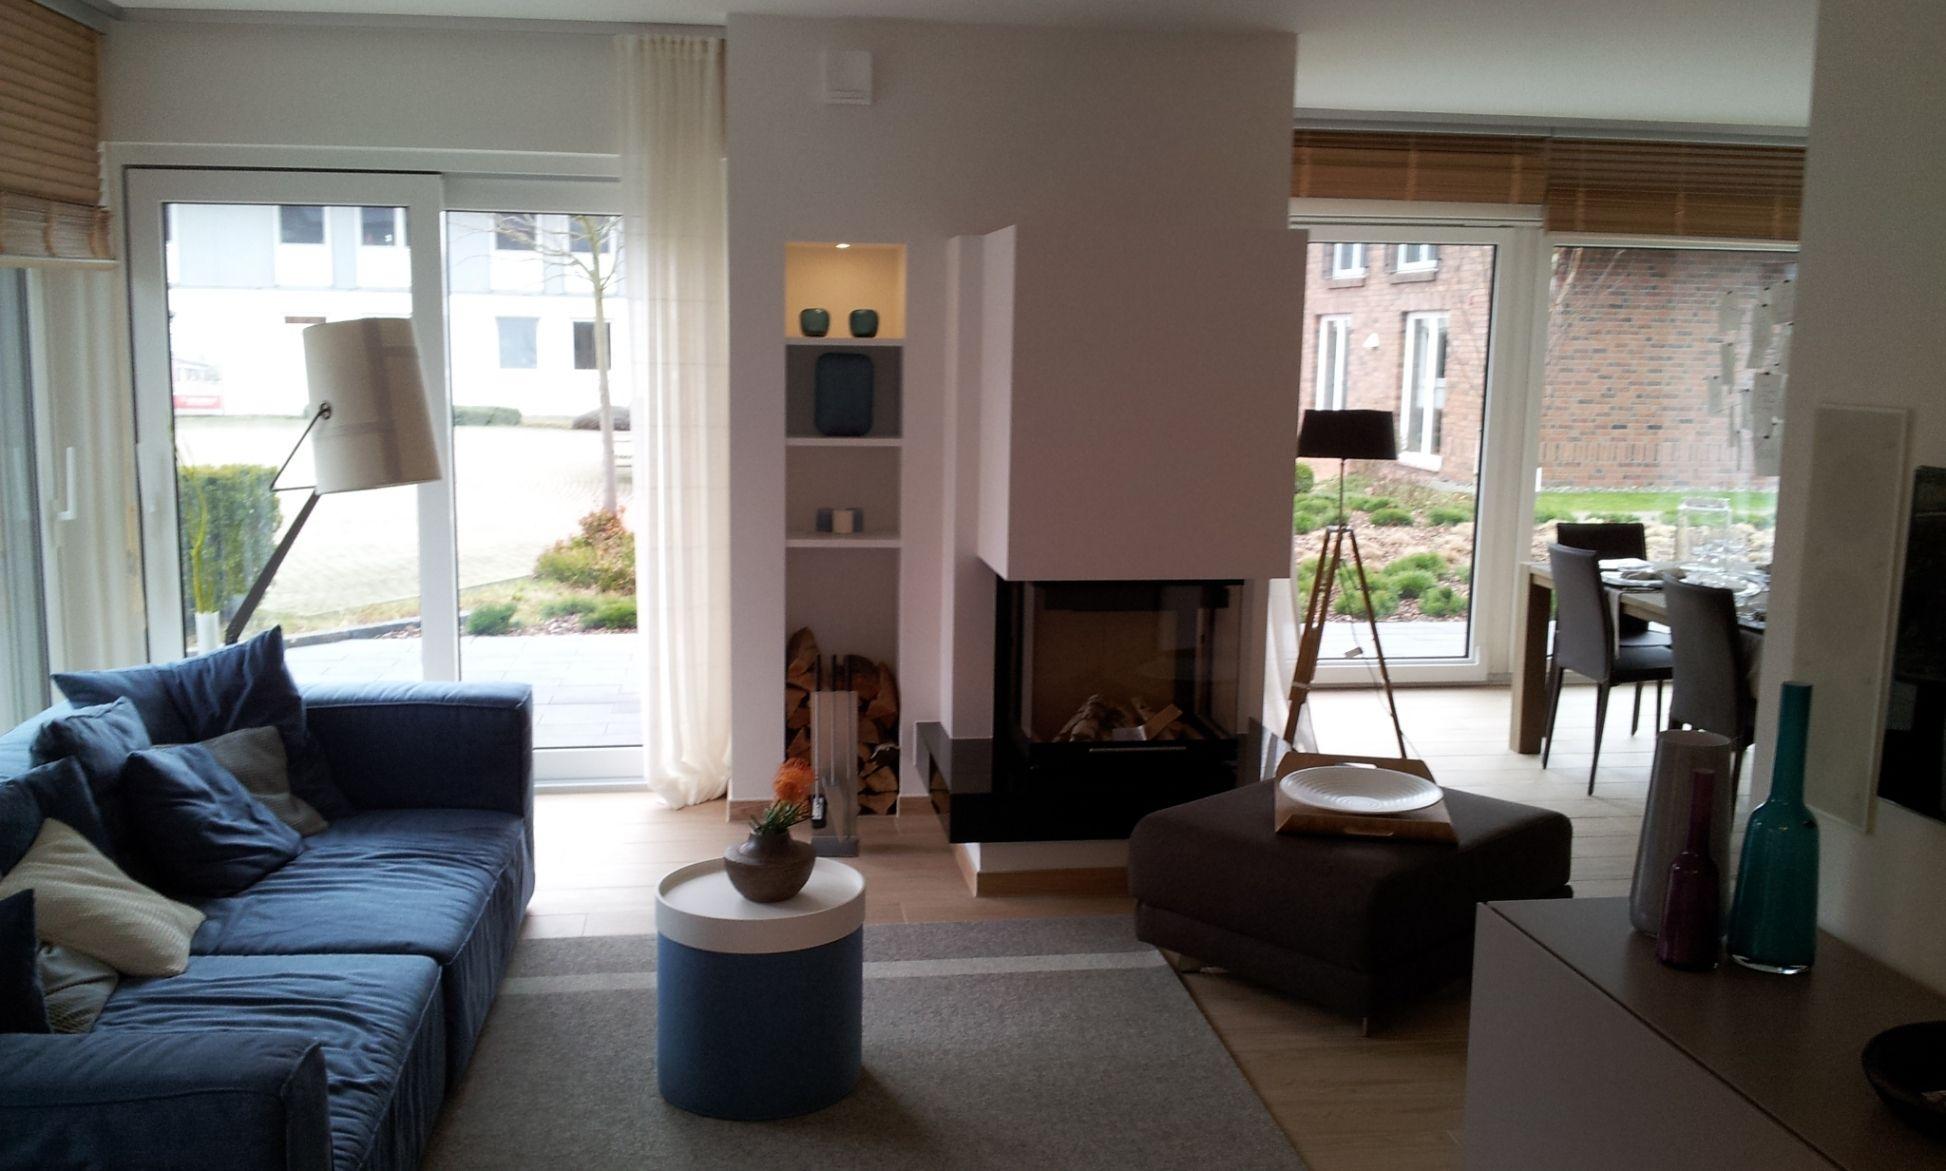 best wohnzimmer ideen mit kamin pictures - ideas & design ... - Wohnzimmer Ideen Kamin